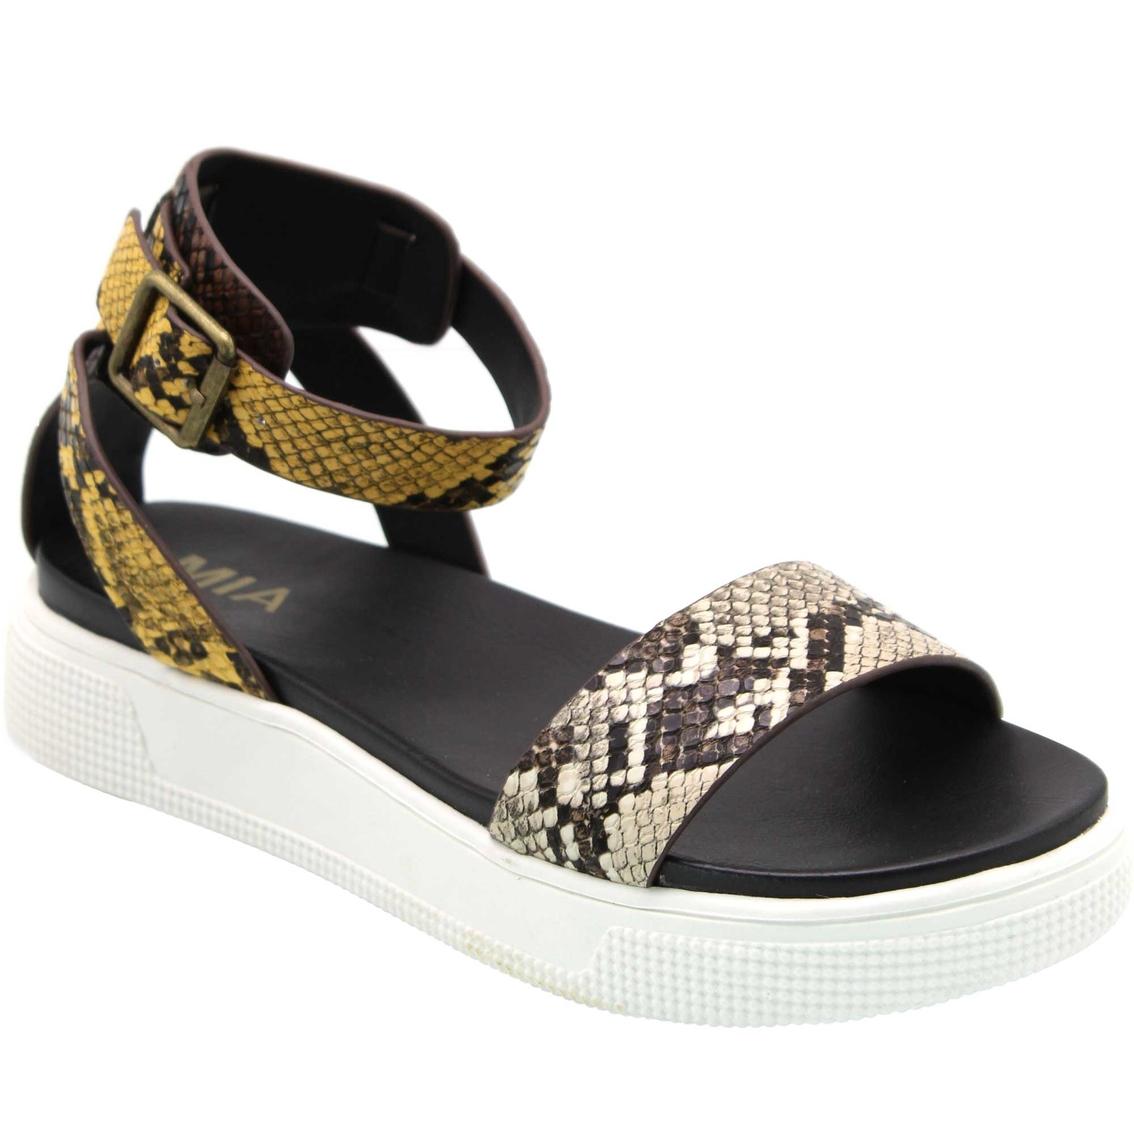 Mia Shoes Ellen Saf Sneaker Bottom